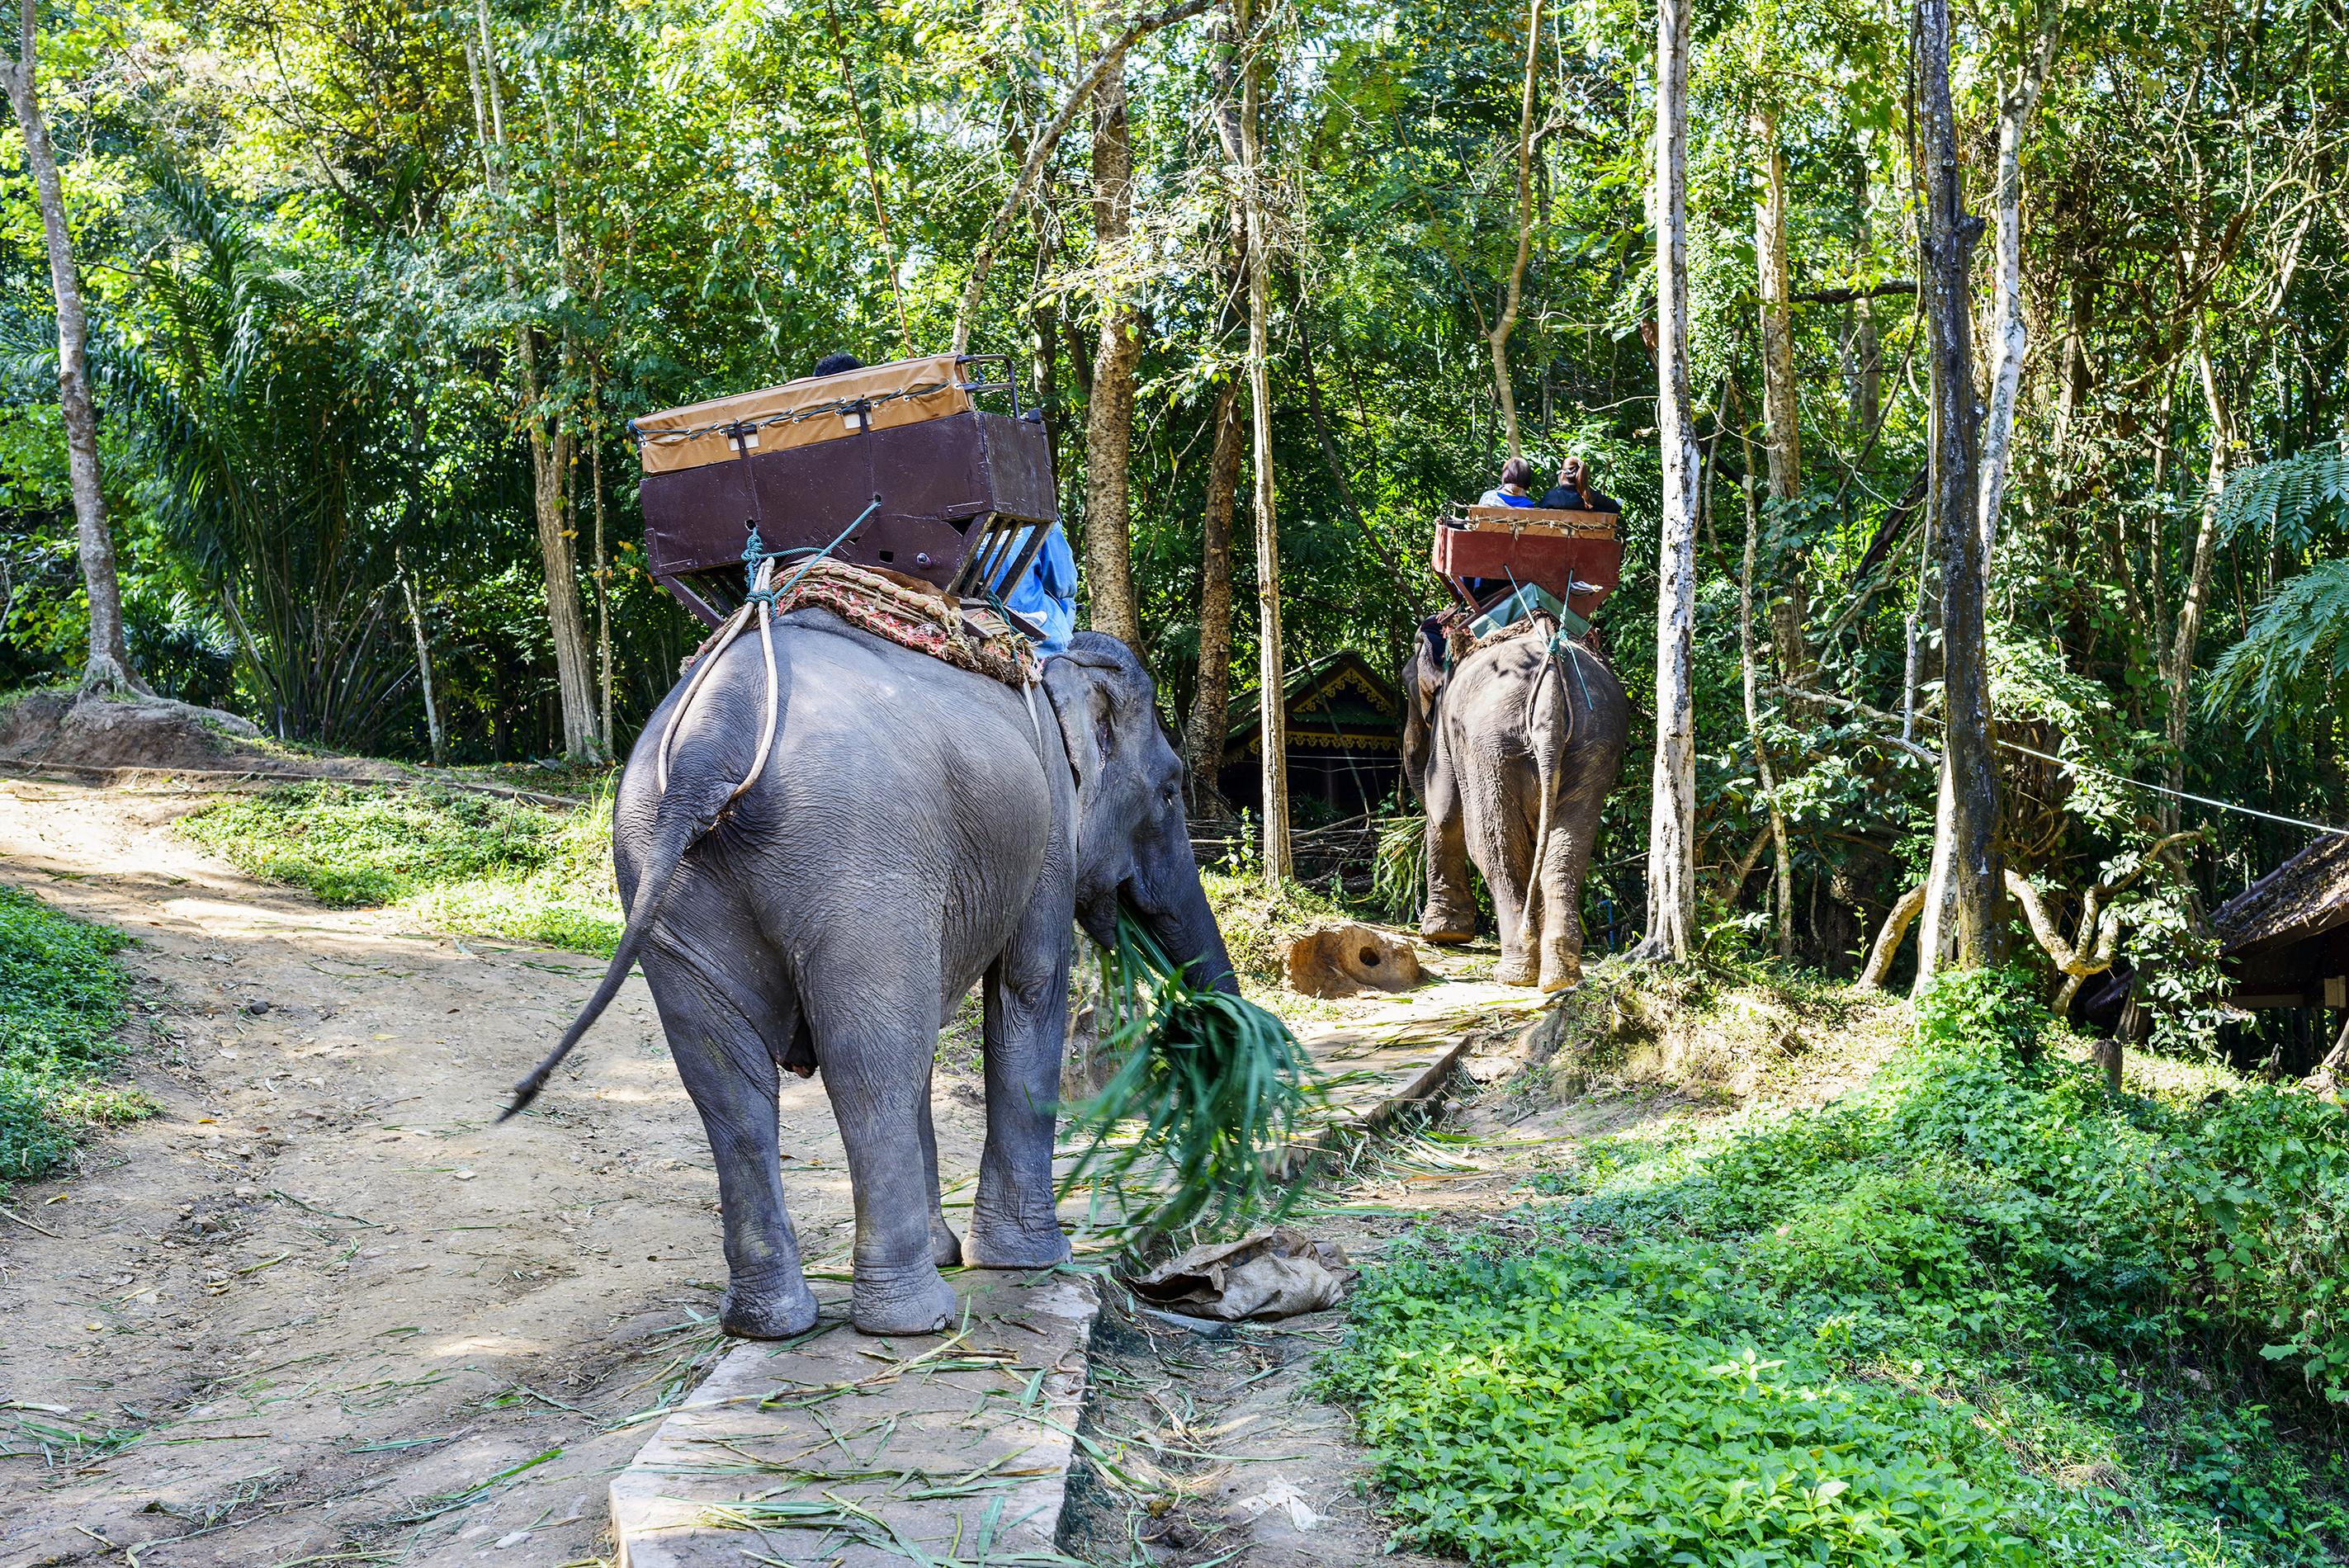 Una experiencia inolvidable entre elefantes - Tailandia Gran Viaje Alrededor de Tailandia